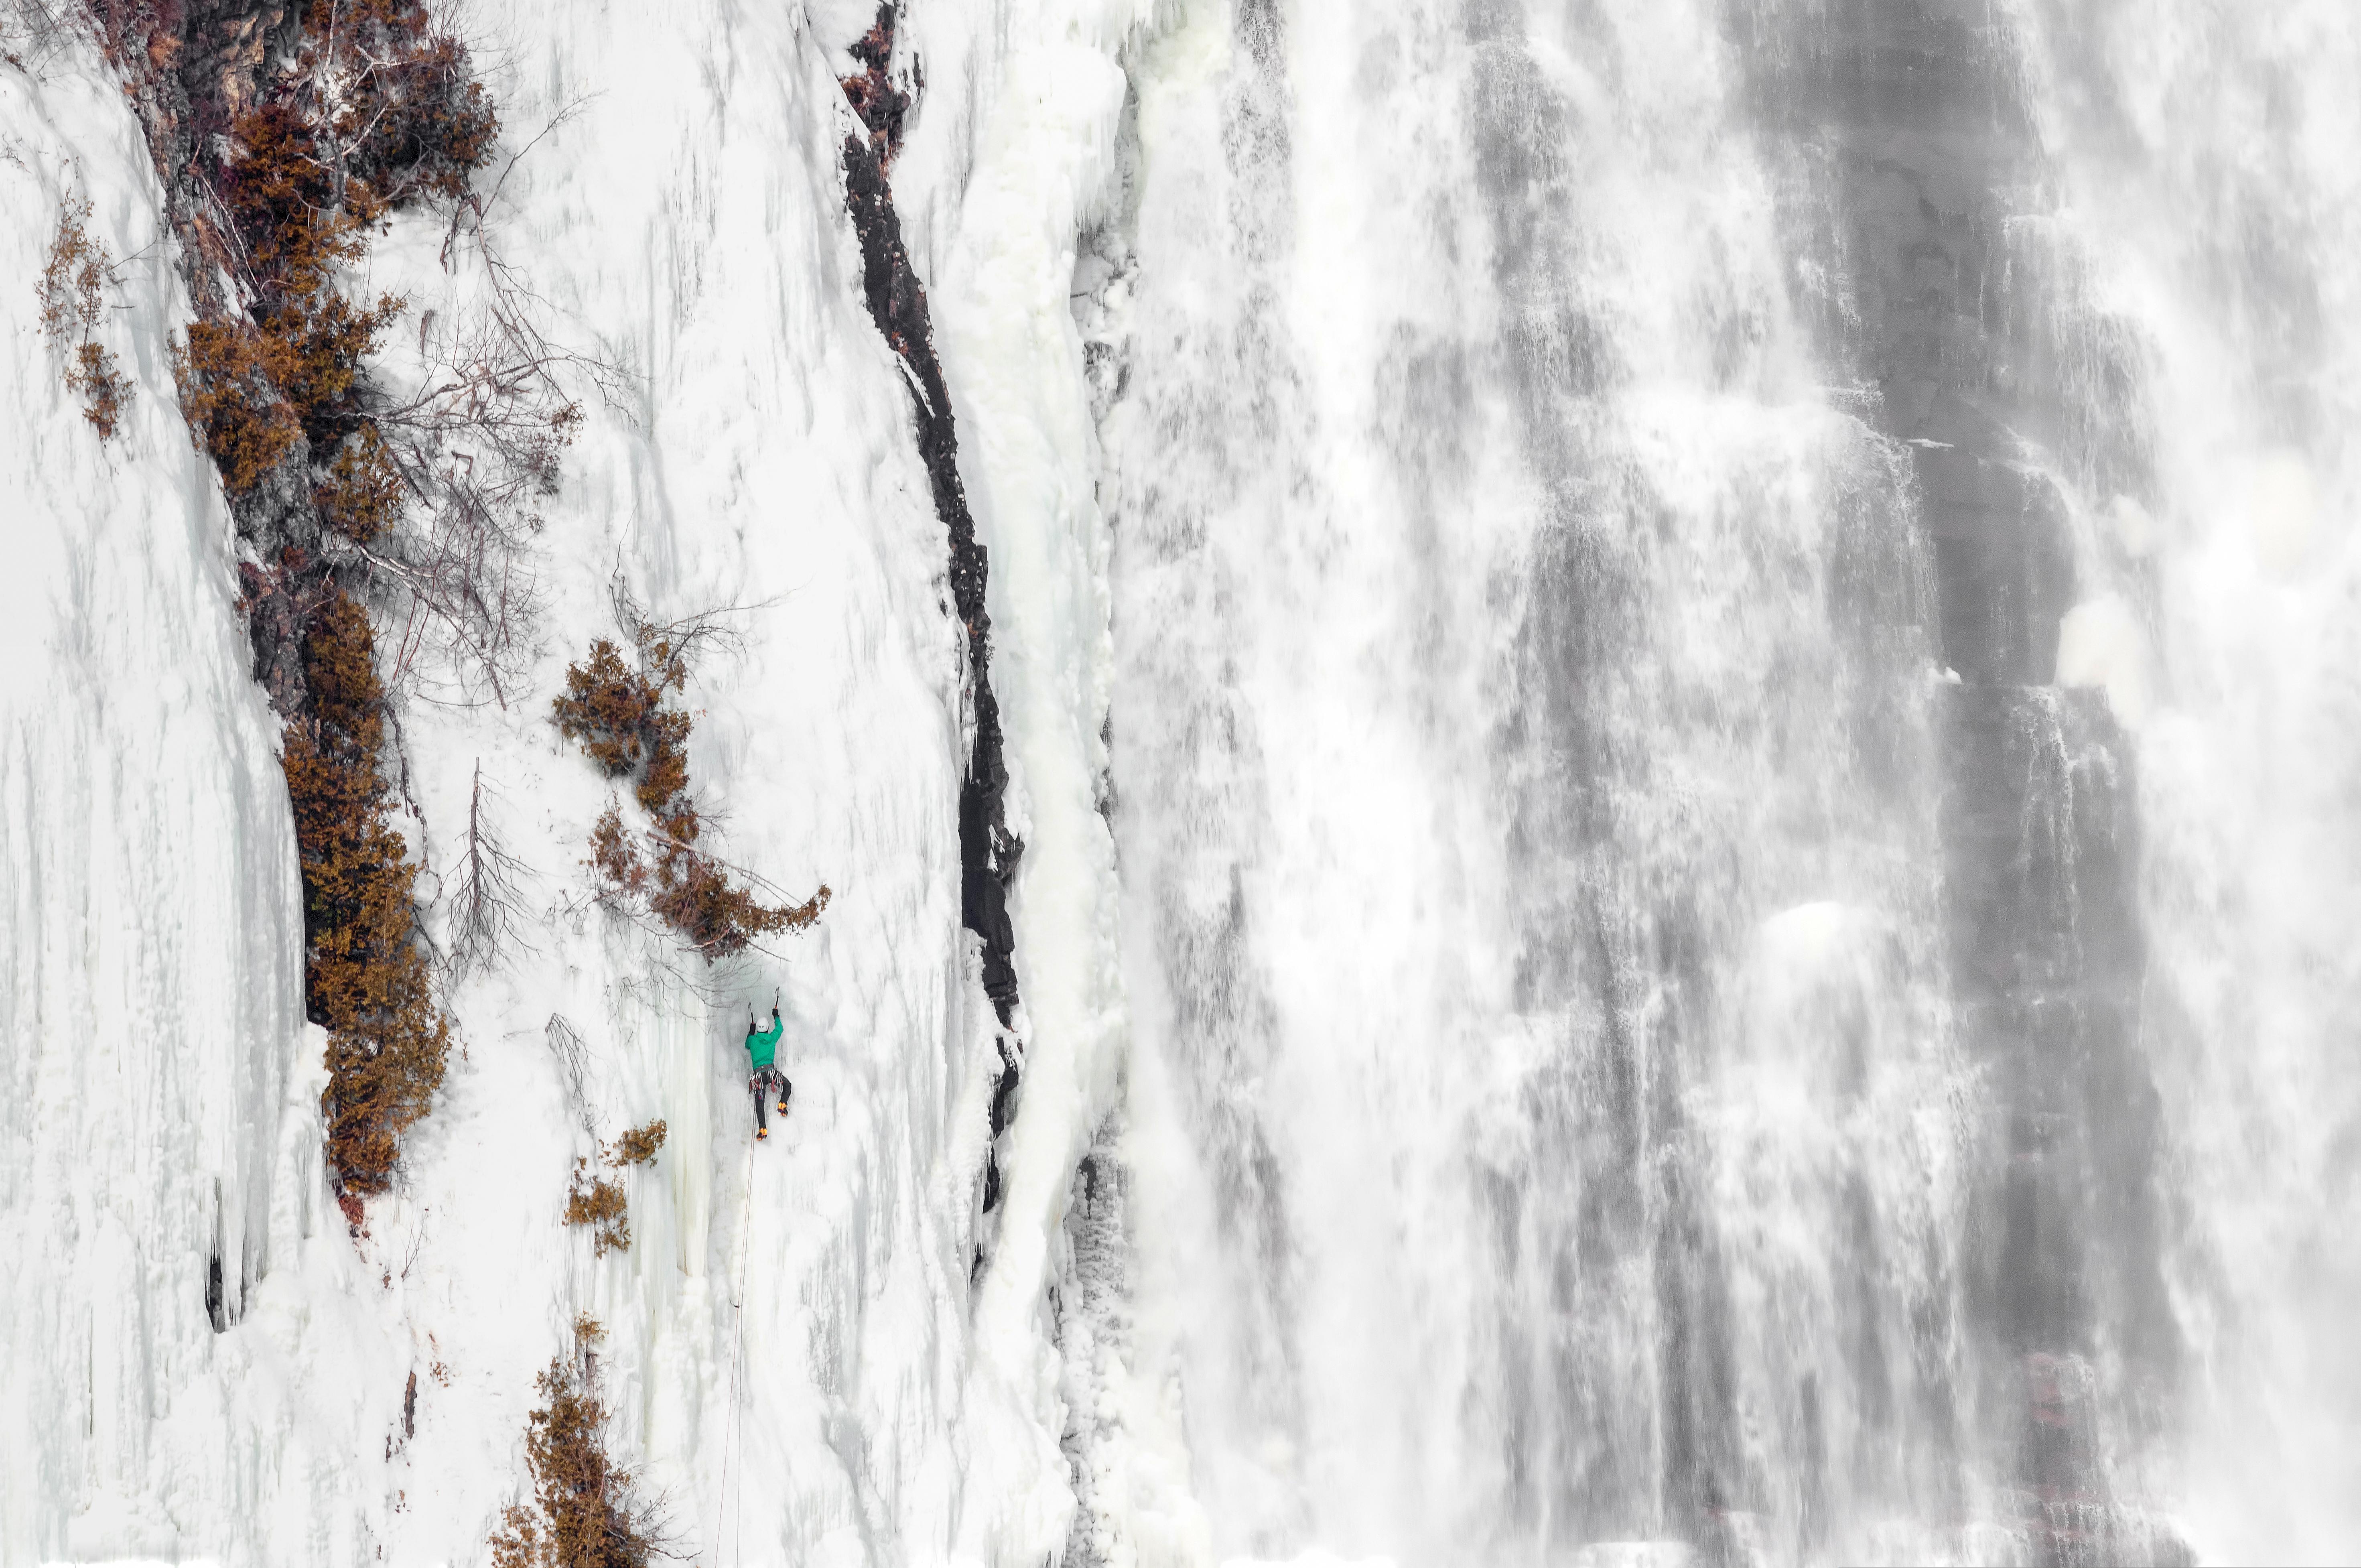 L'escaladeur de glace